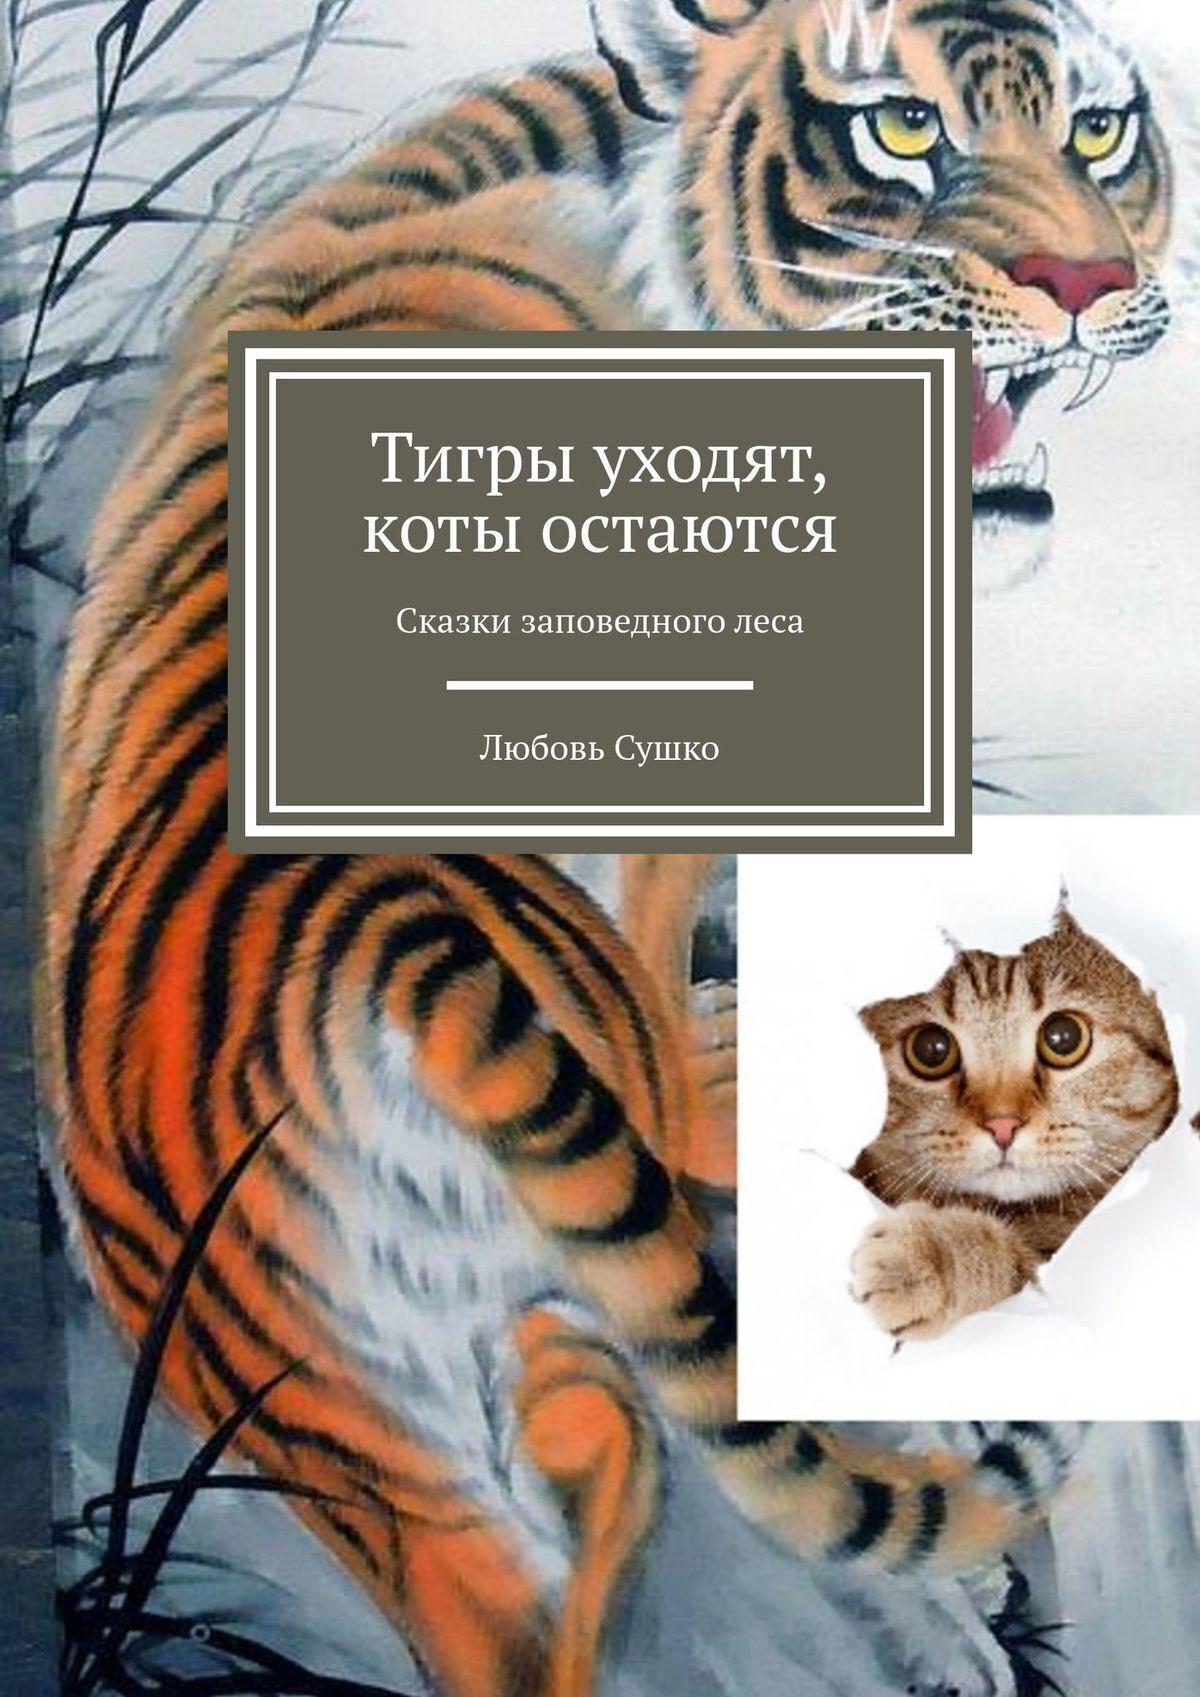 Любовь Сушко Тигры уходят, коты остаются. Сказки заповедноголеса любовь сушко орлята учатся летать сказки 21века